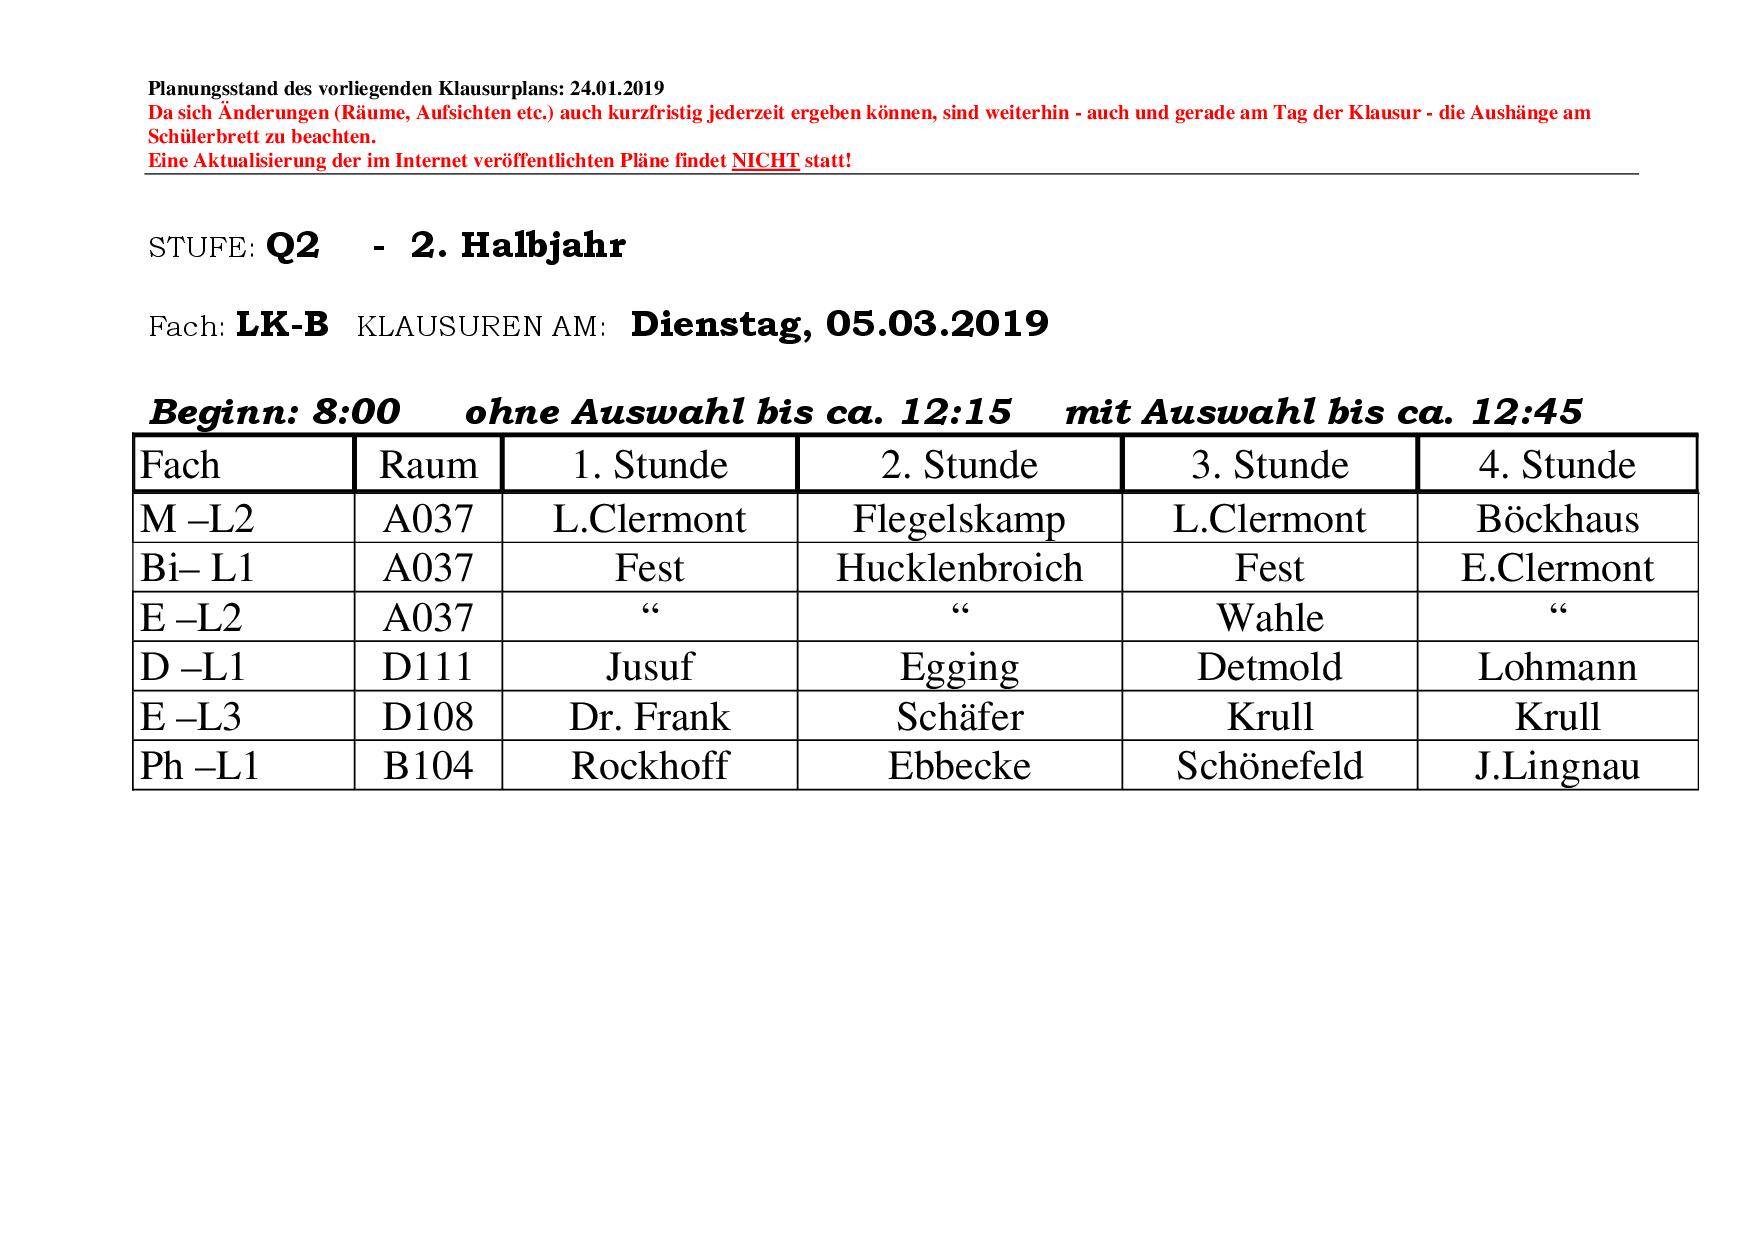 Q2_Klausurplaene-002